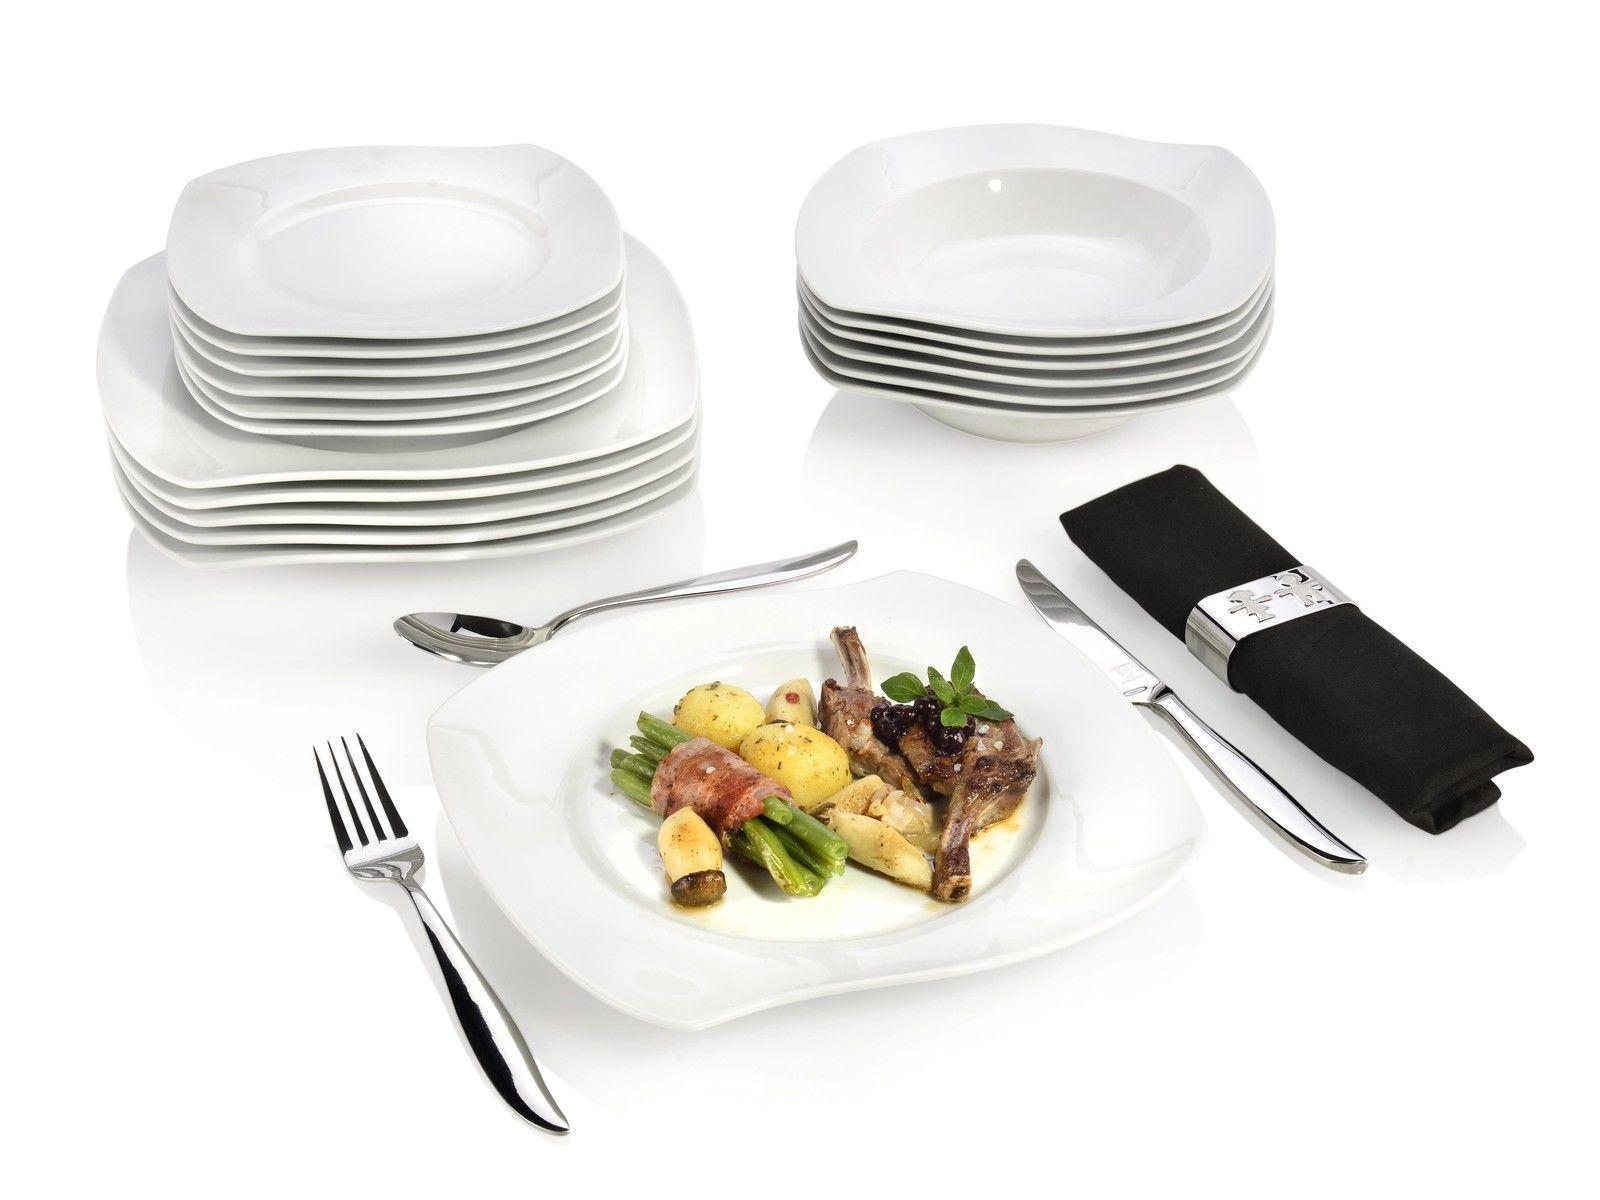 Tafelservice Porzellan Teller Set 18tlg Teller- Geschirr- Ess- Service